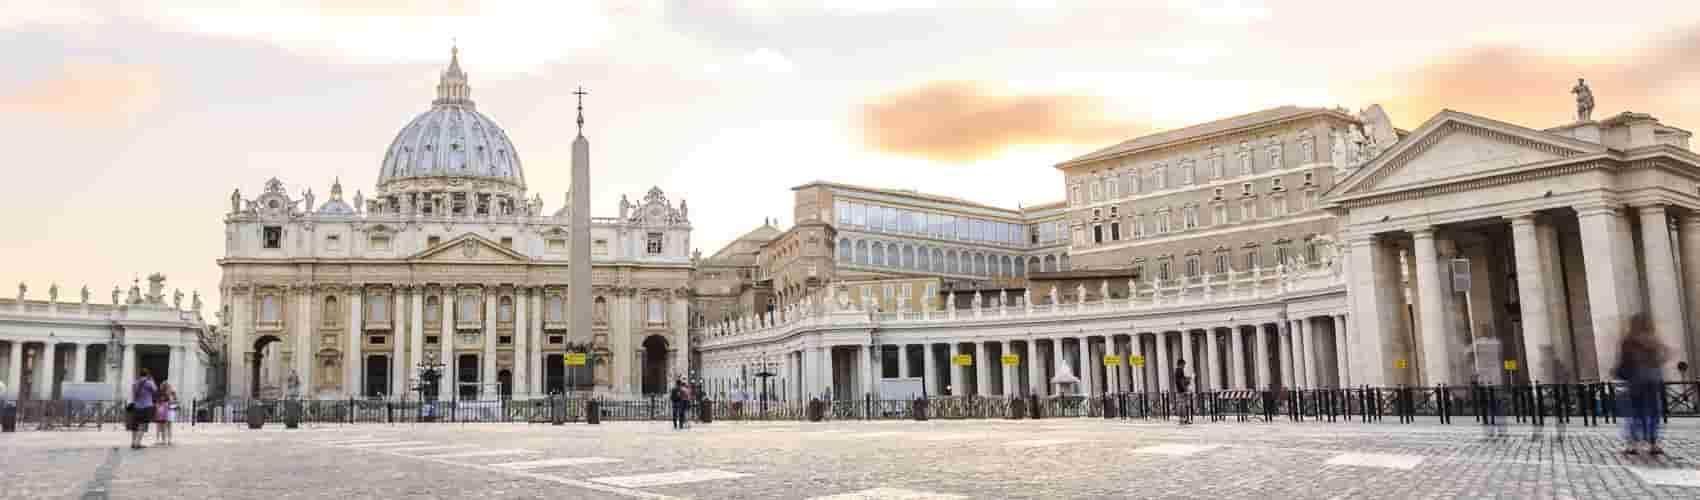 Via Francigena to Rome